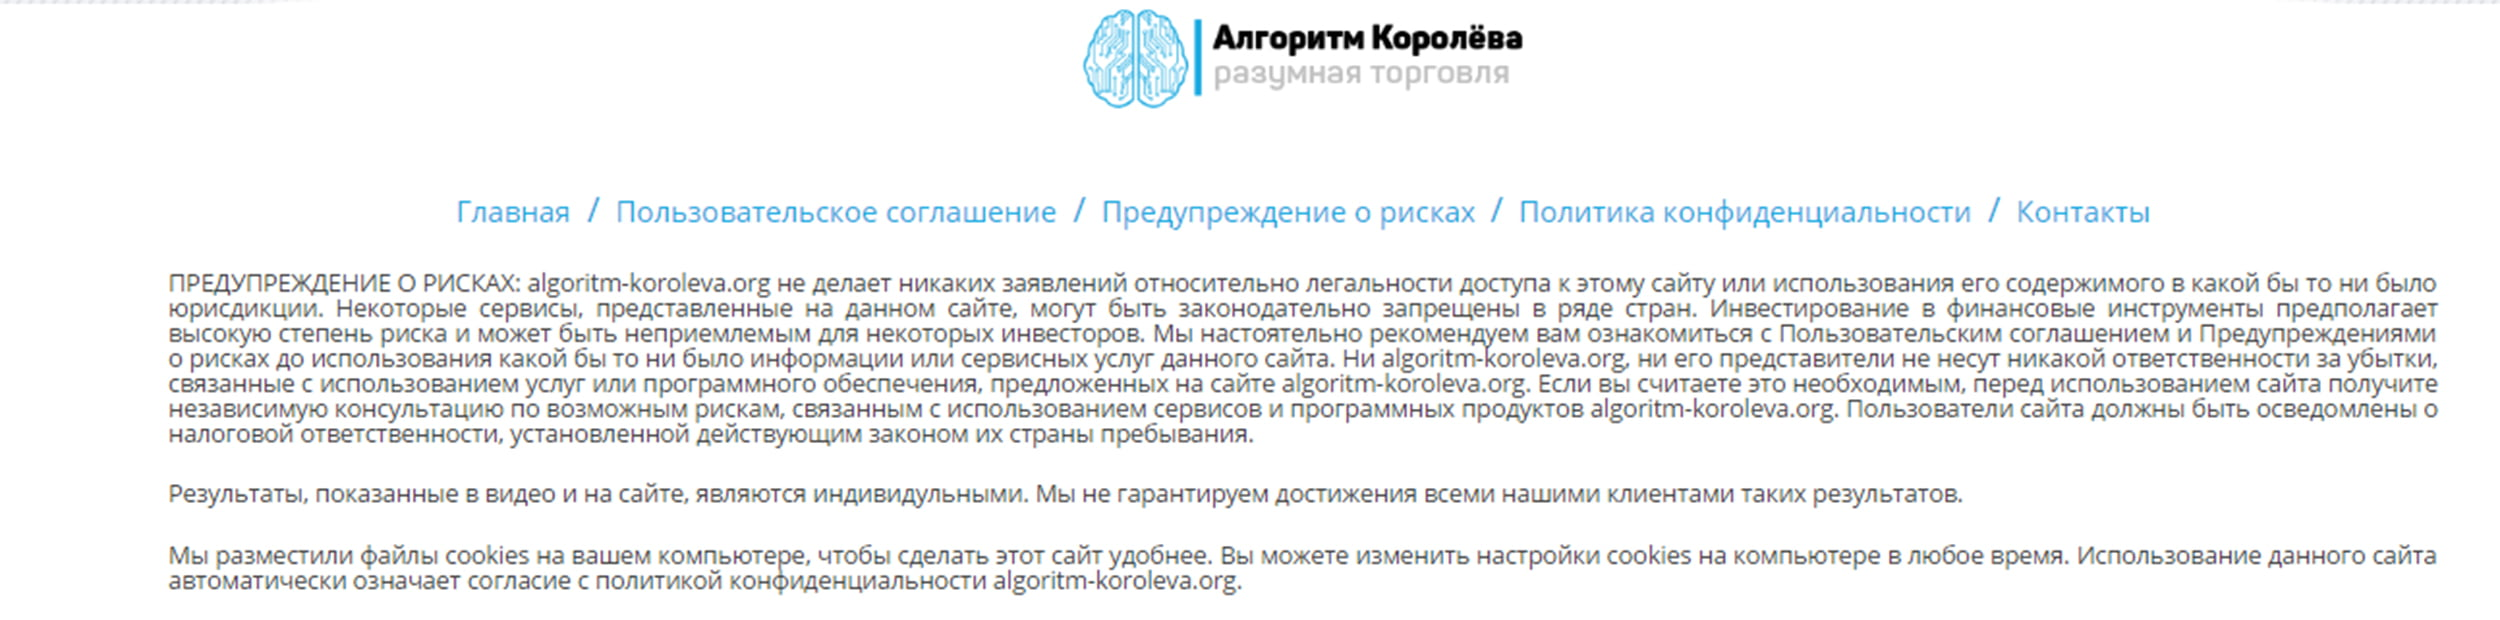 Как быстро заработать 1000 рублей в интернете-13